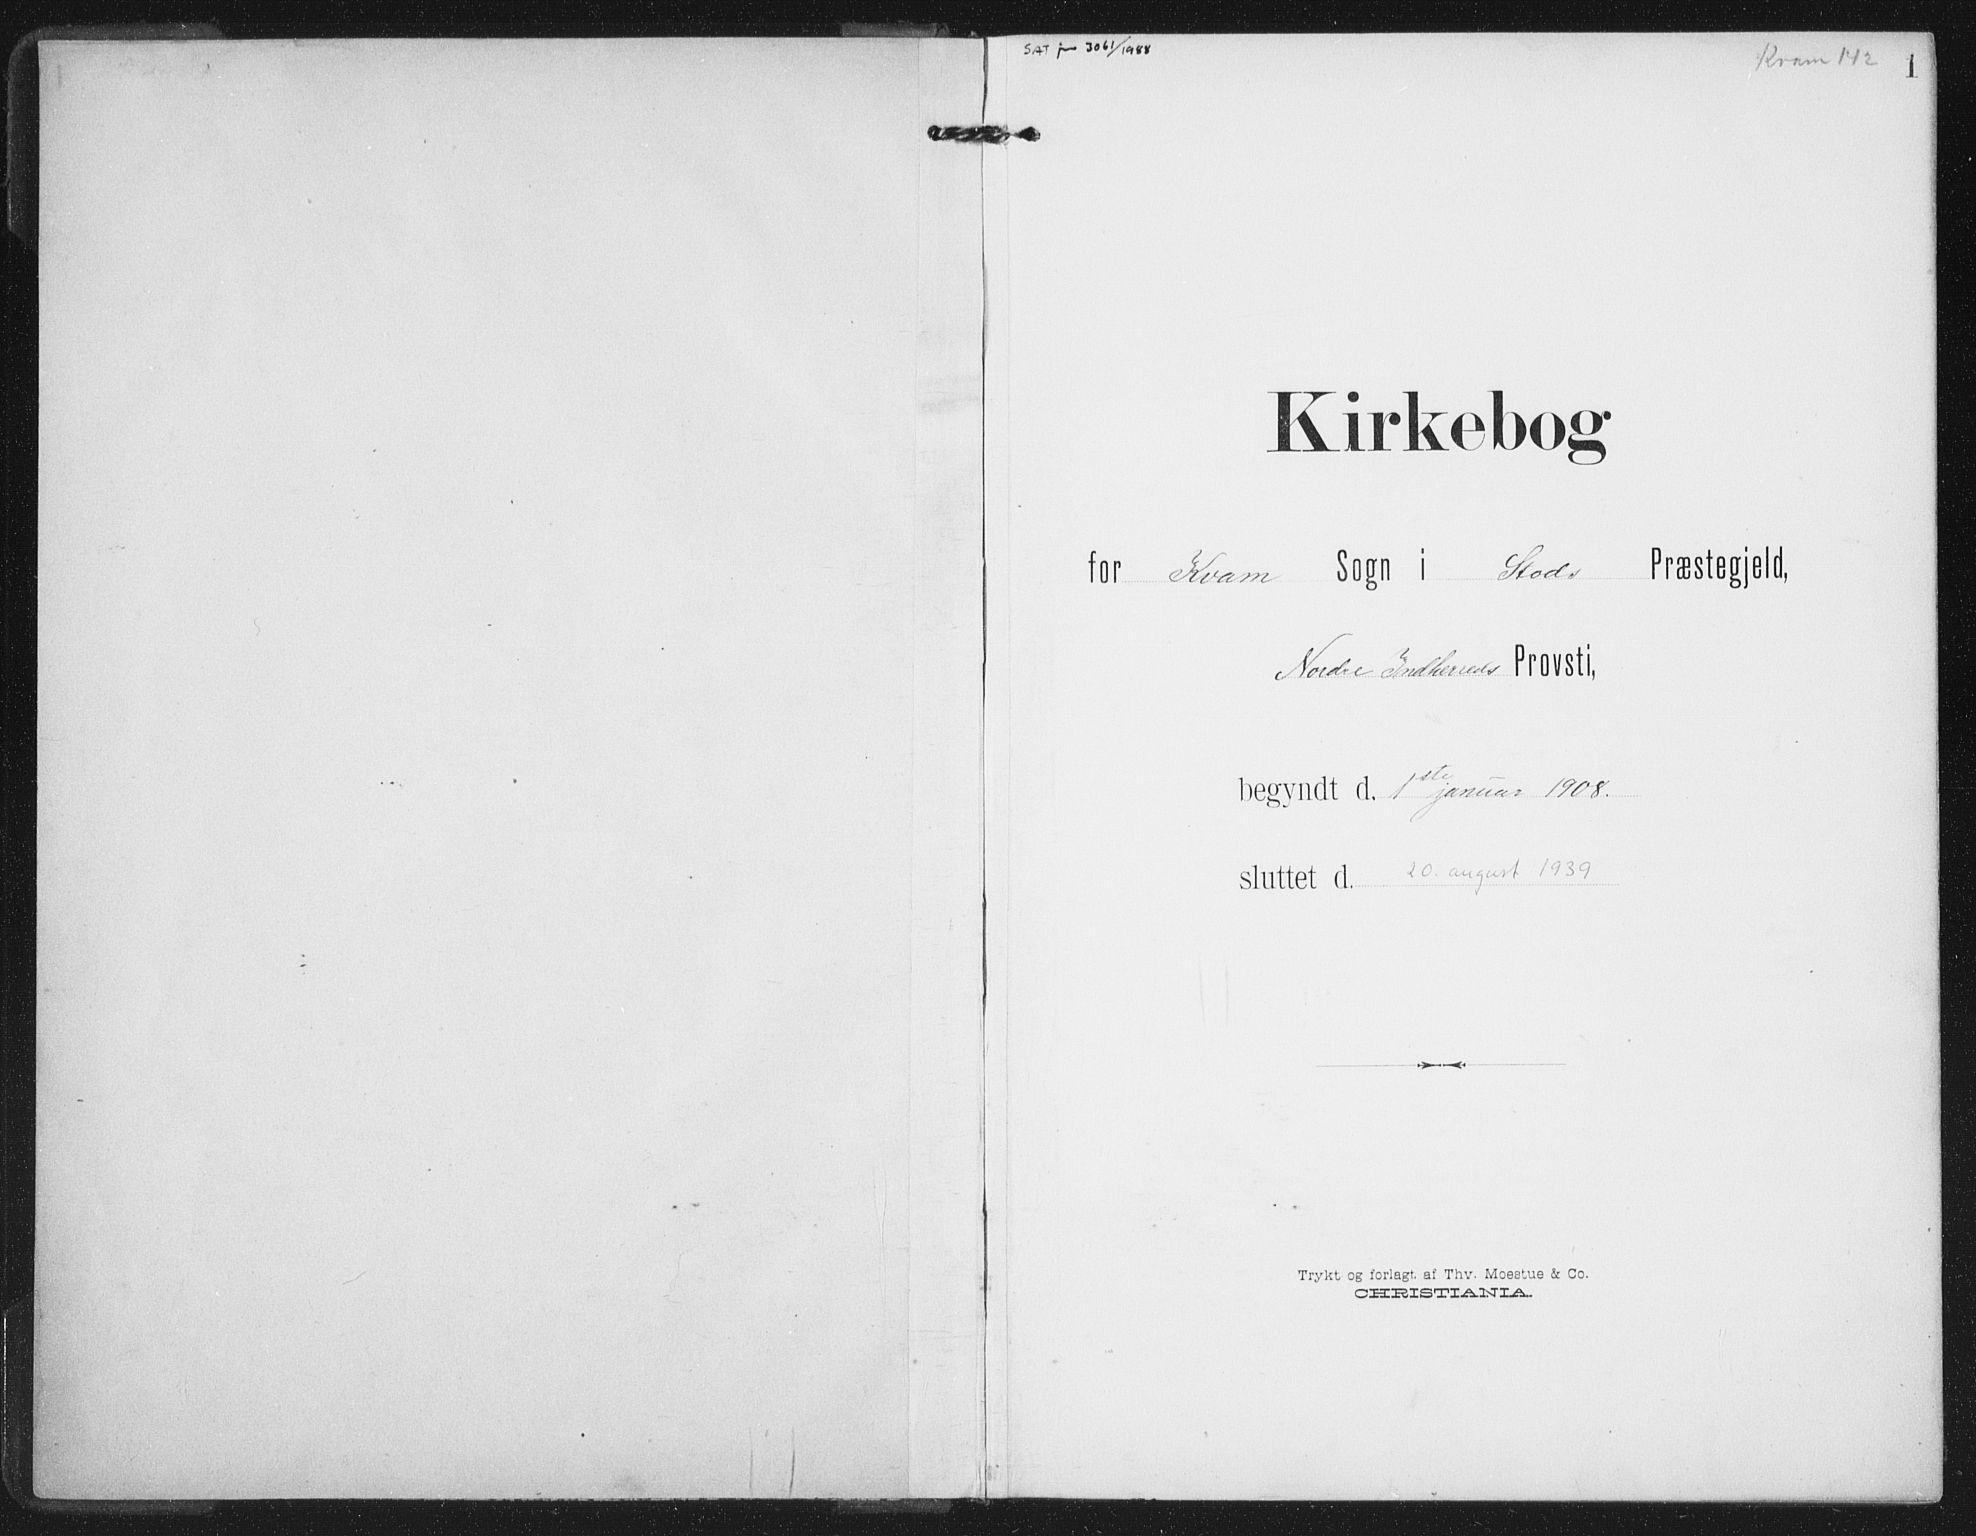 SAT, Ministerialprotokoller, klokkerbøker og fødselsregistre - Nord-Trøndelag, 747/L0460: Klokkerbok nr. 747C02, 1908-1939, s. 1